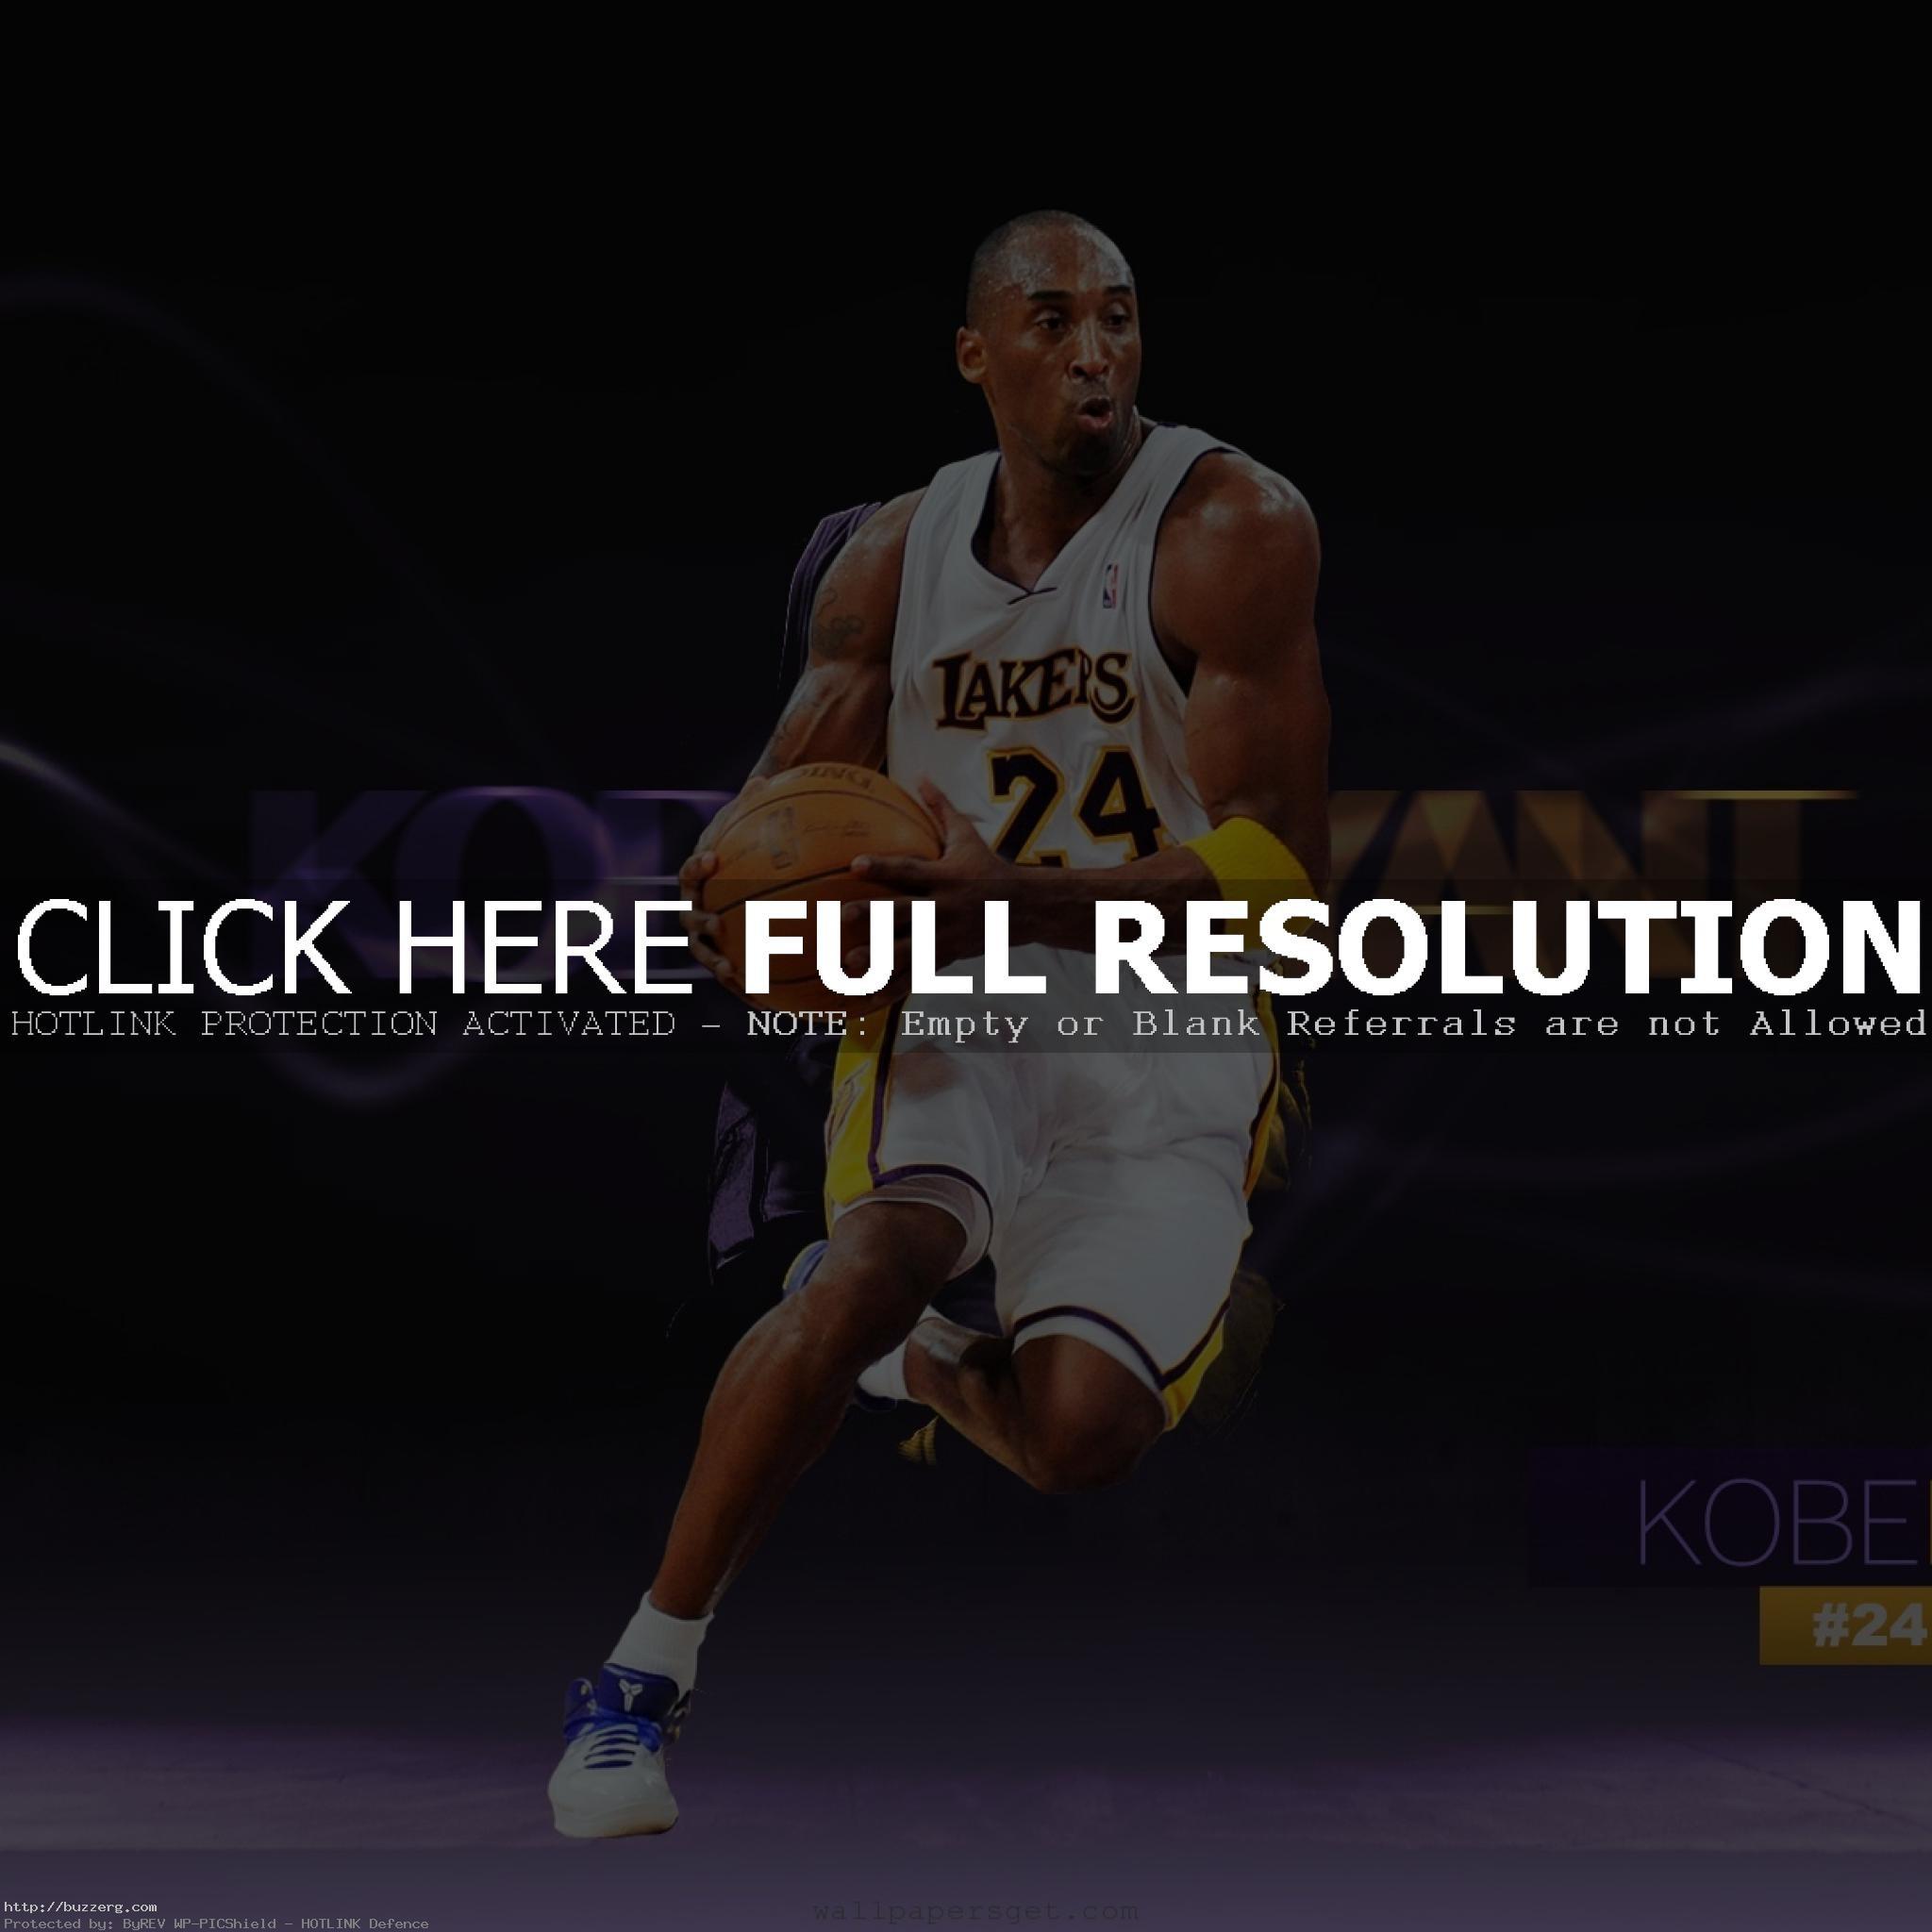 Kobe Bryant (id: 164487)